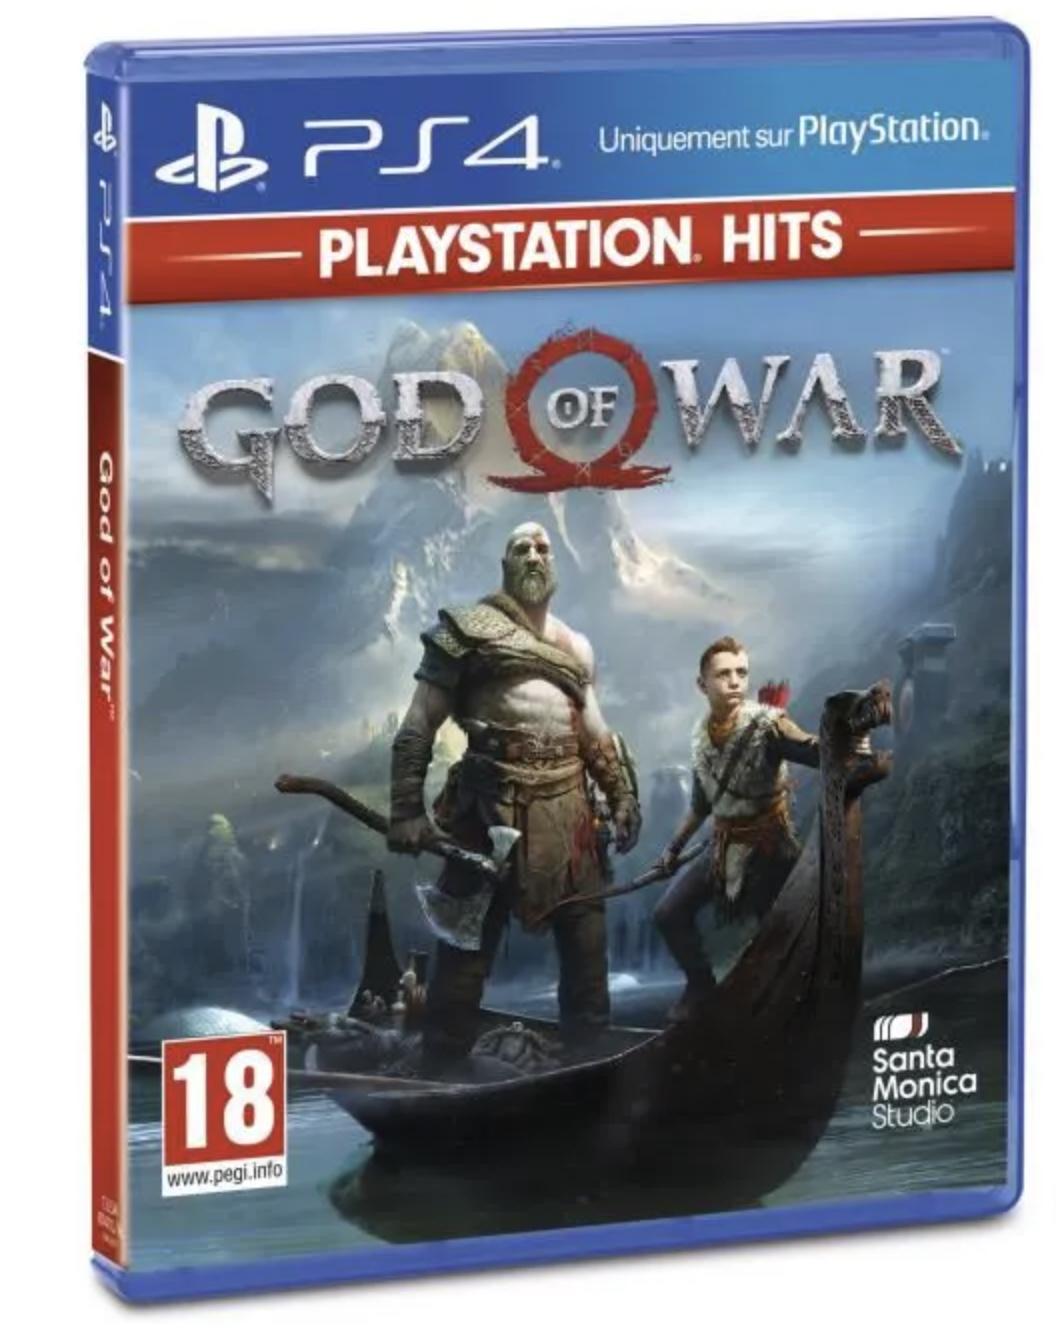 Code promo Cdiscount : God Of War sur PS4 en version Playstation Hits à 9,99€ au lieu de 19,99€